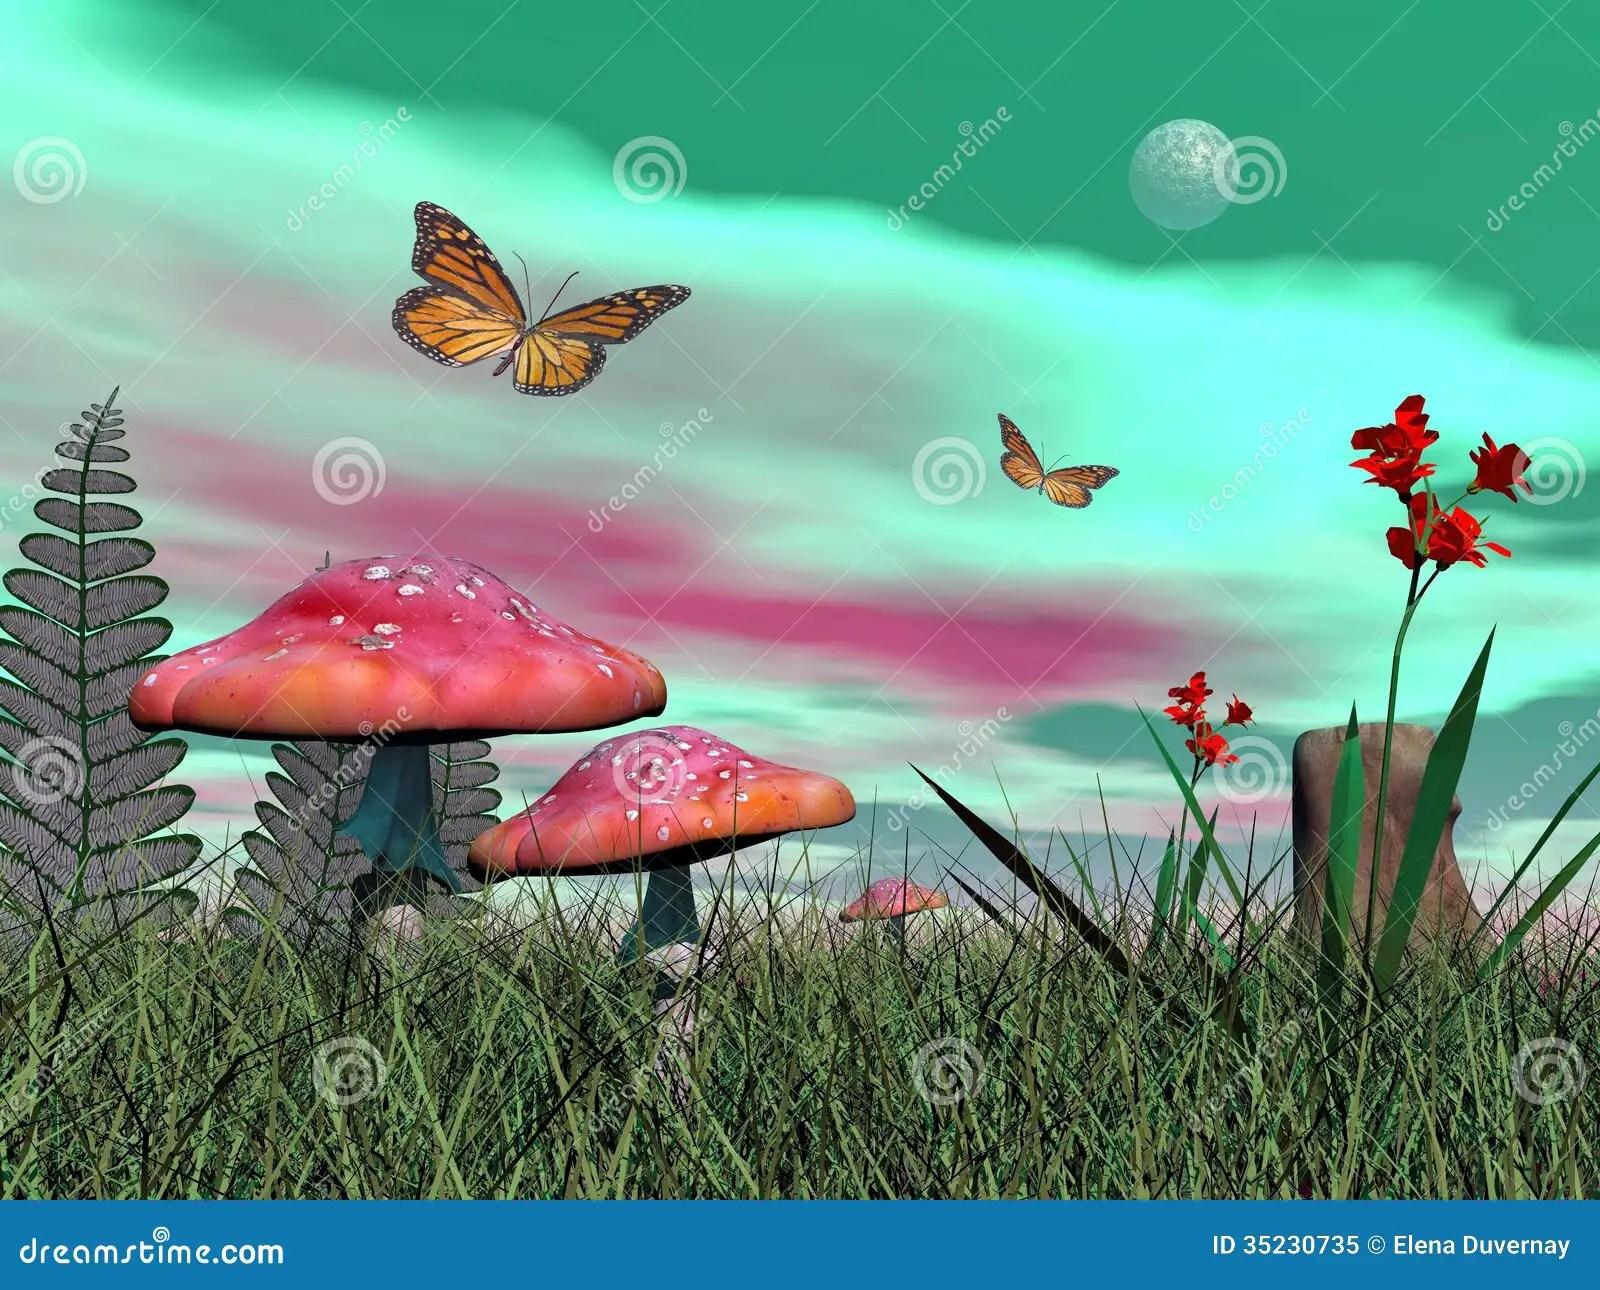 3d Mushroom Garden Hd Wallpaper Download Fantasy Garden 3d Render Stock Illustration